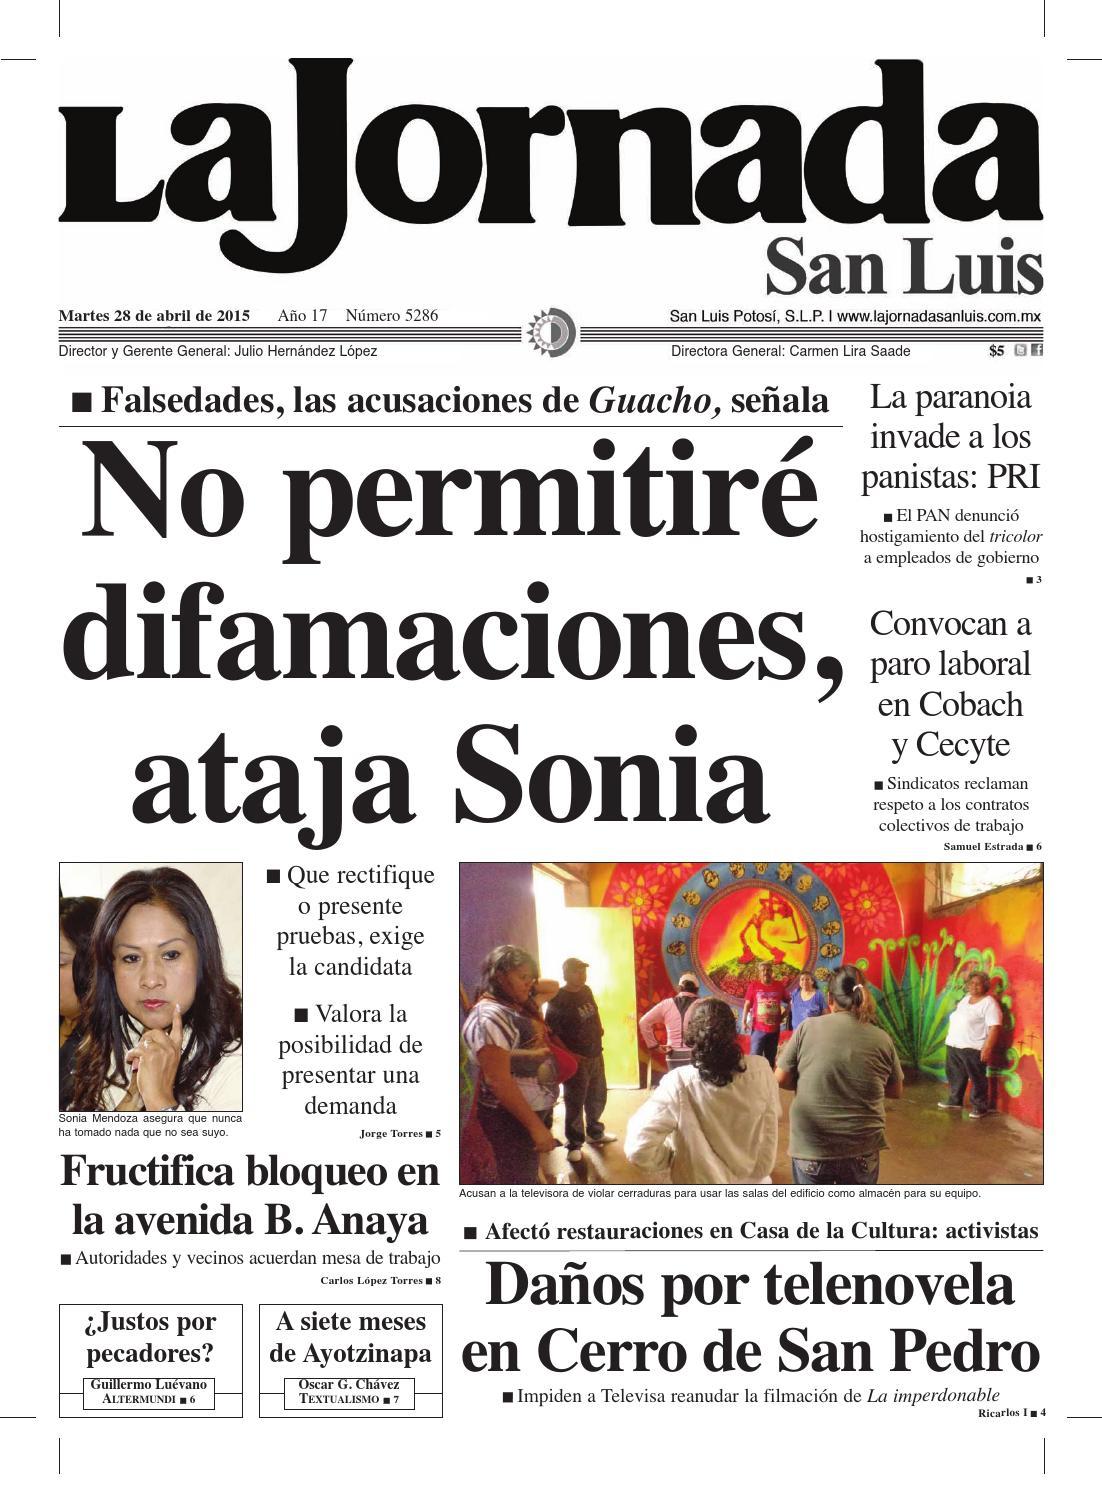 No permitiré difamaciones, ataja Sonia by La Jornada San Luis - issuu